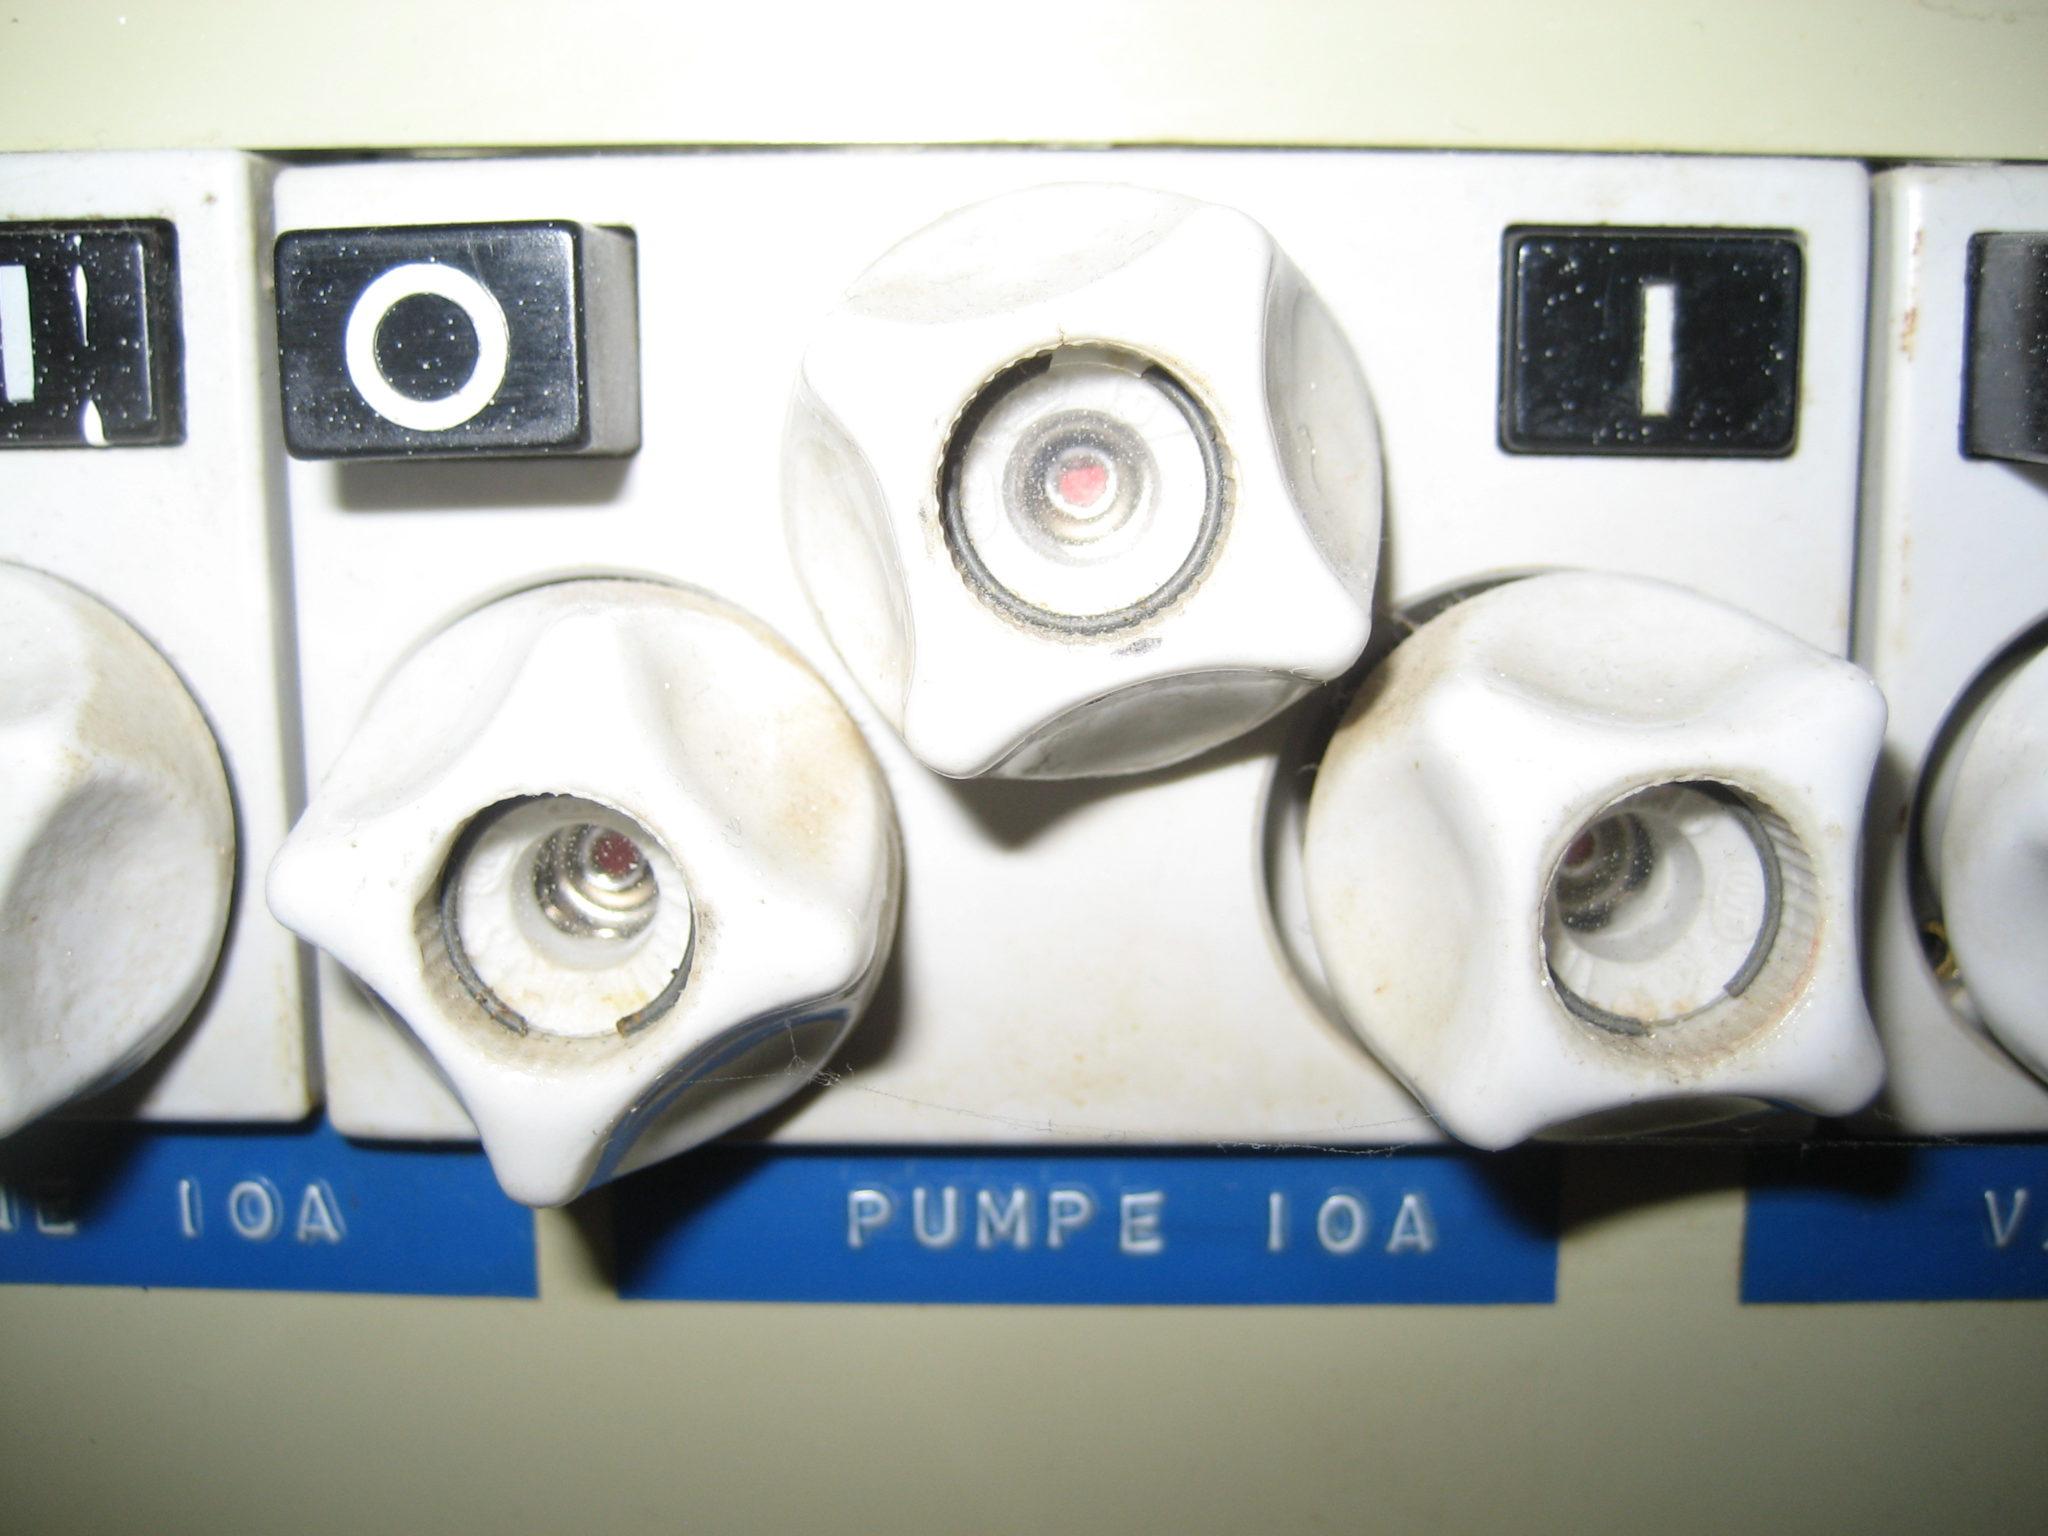 Cirkulationspumpe strøm på eltavle